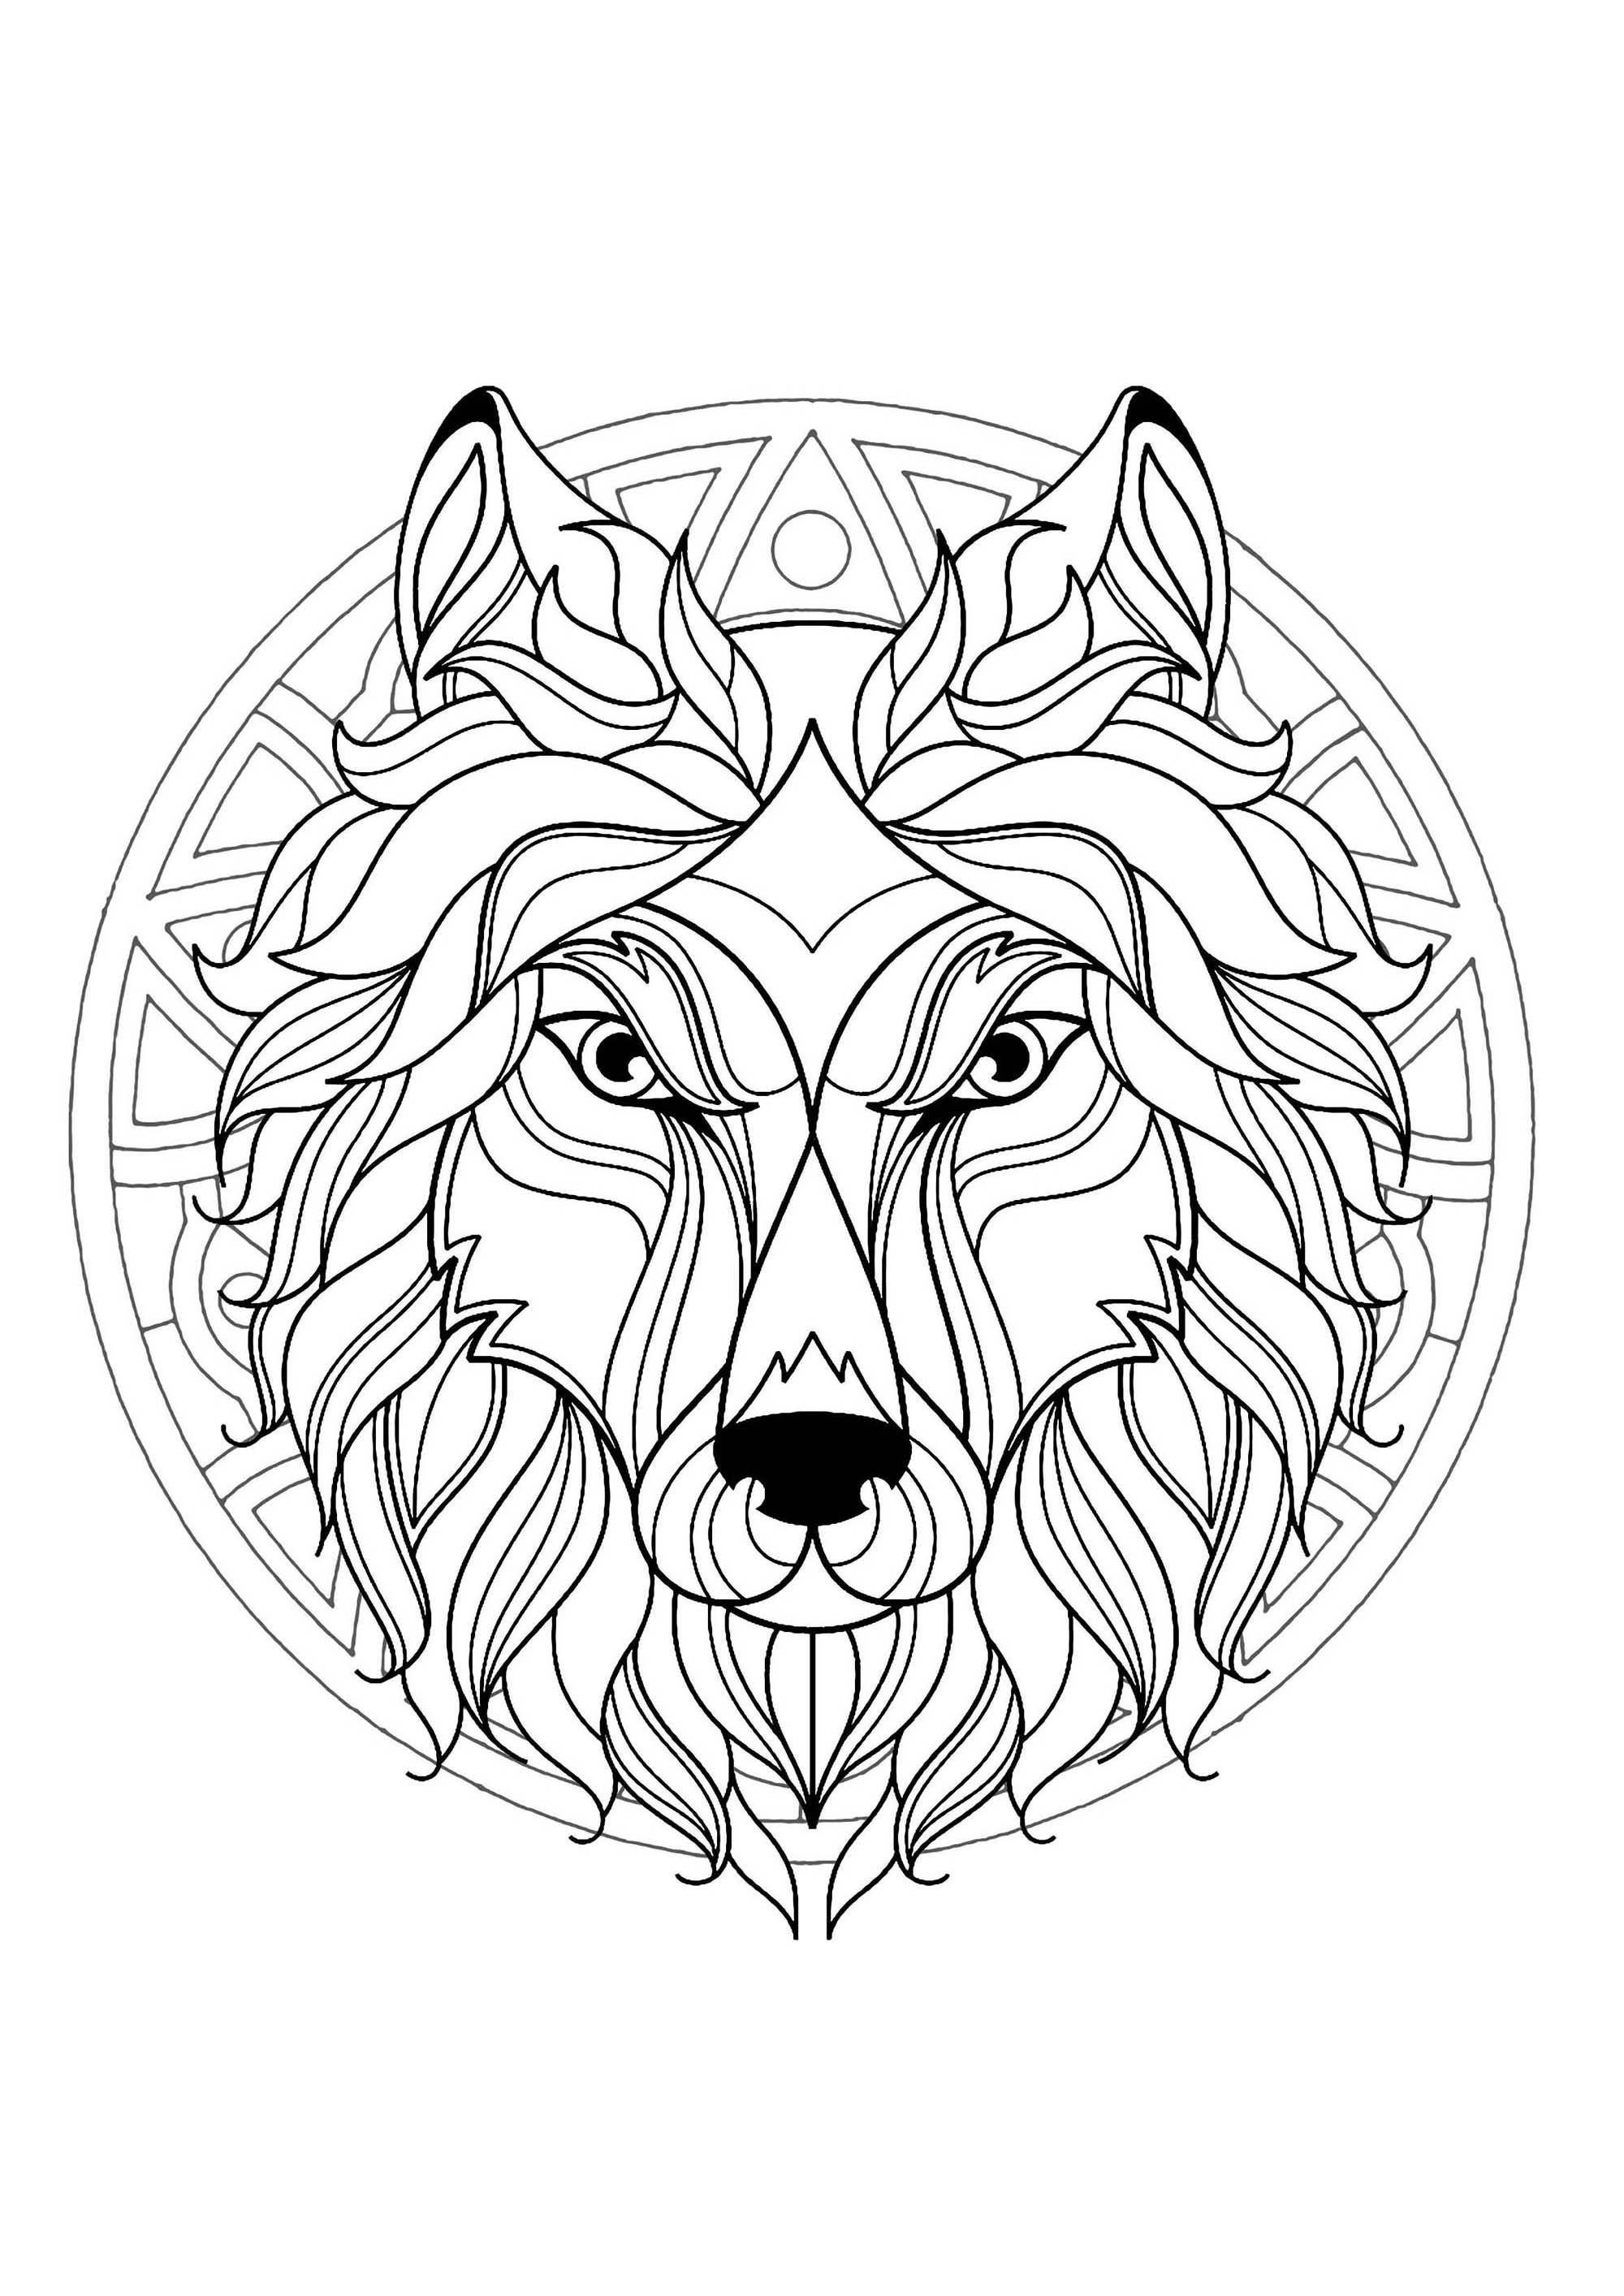 Mandala tete loup 3 mandalas coloriages difficiles - Coloriage magique loup ...